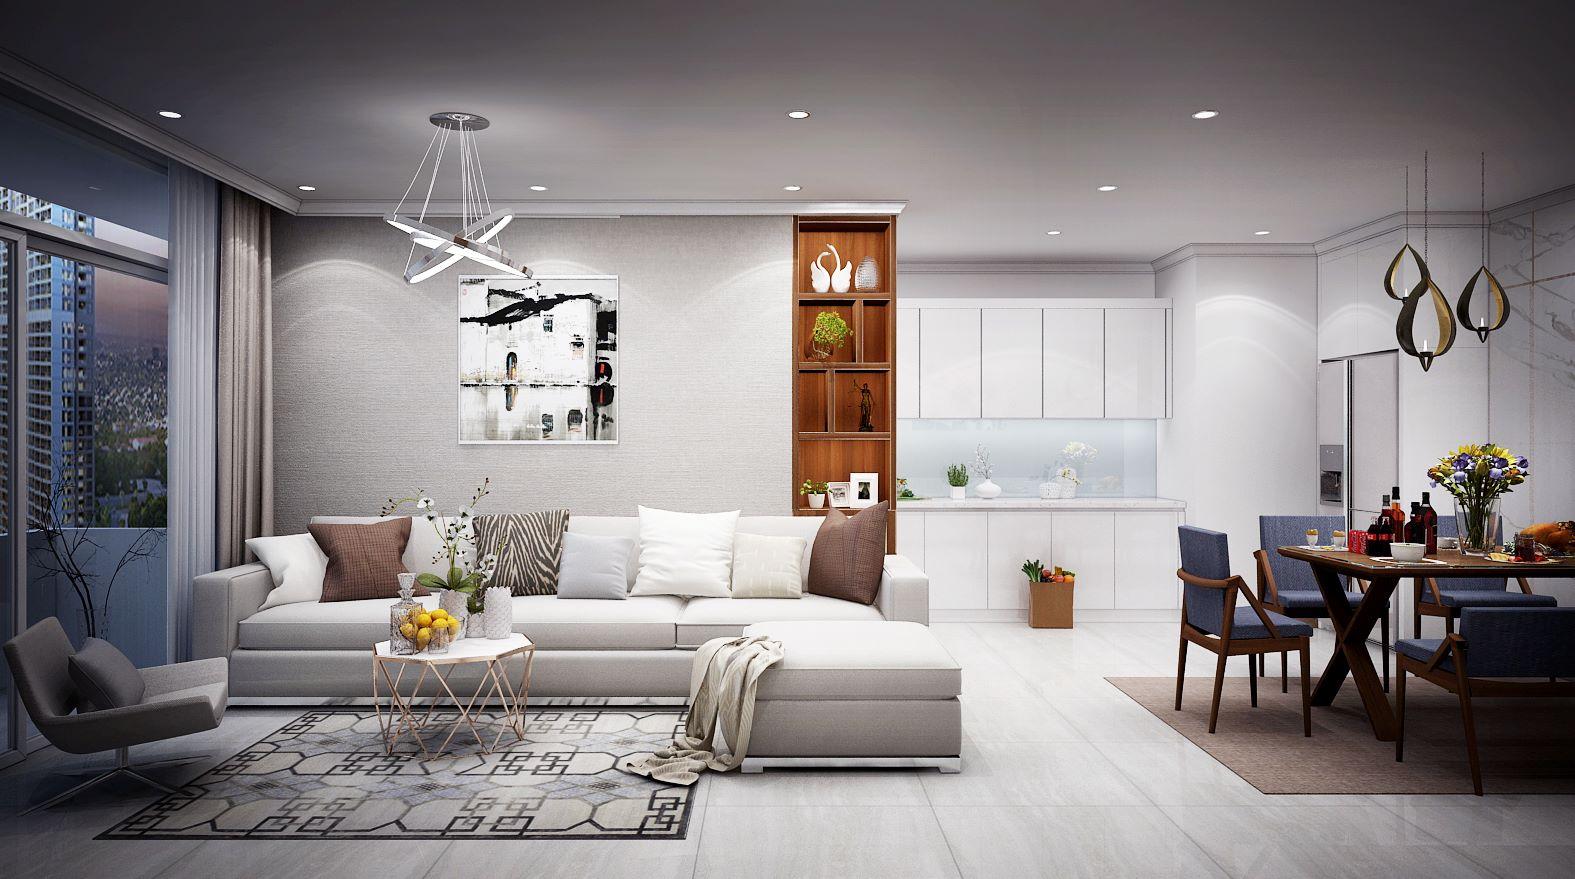 Phòng khách chung cư ấm cúng với tông màu sáng